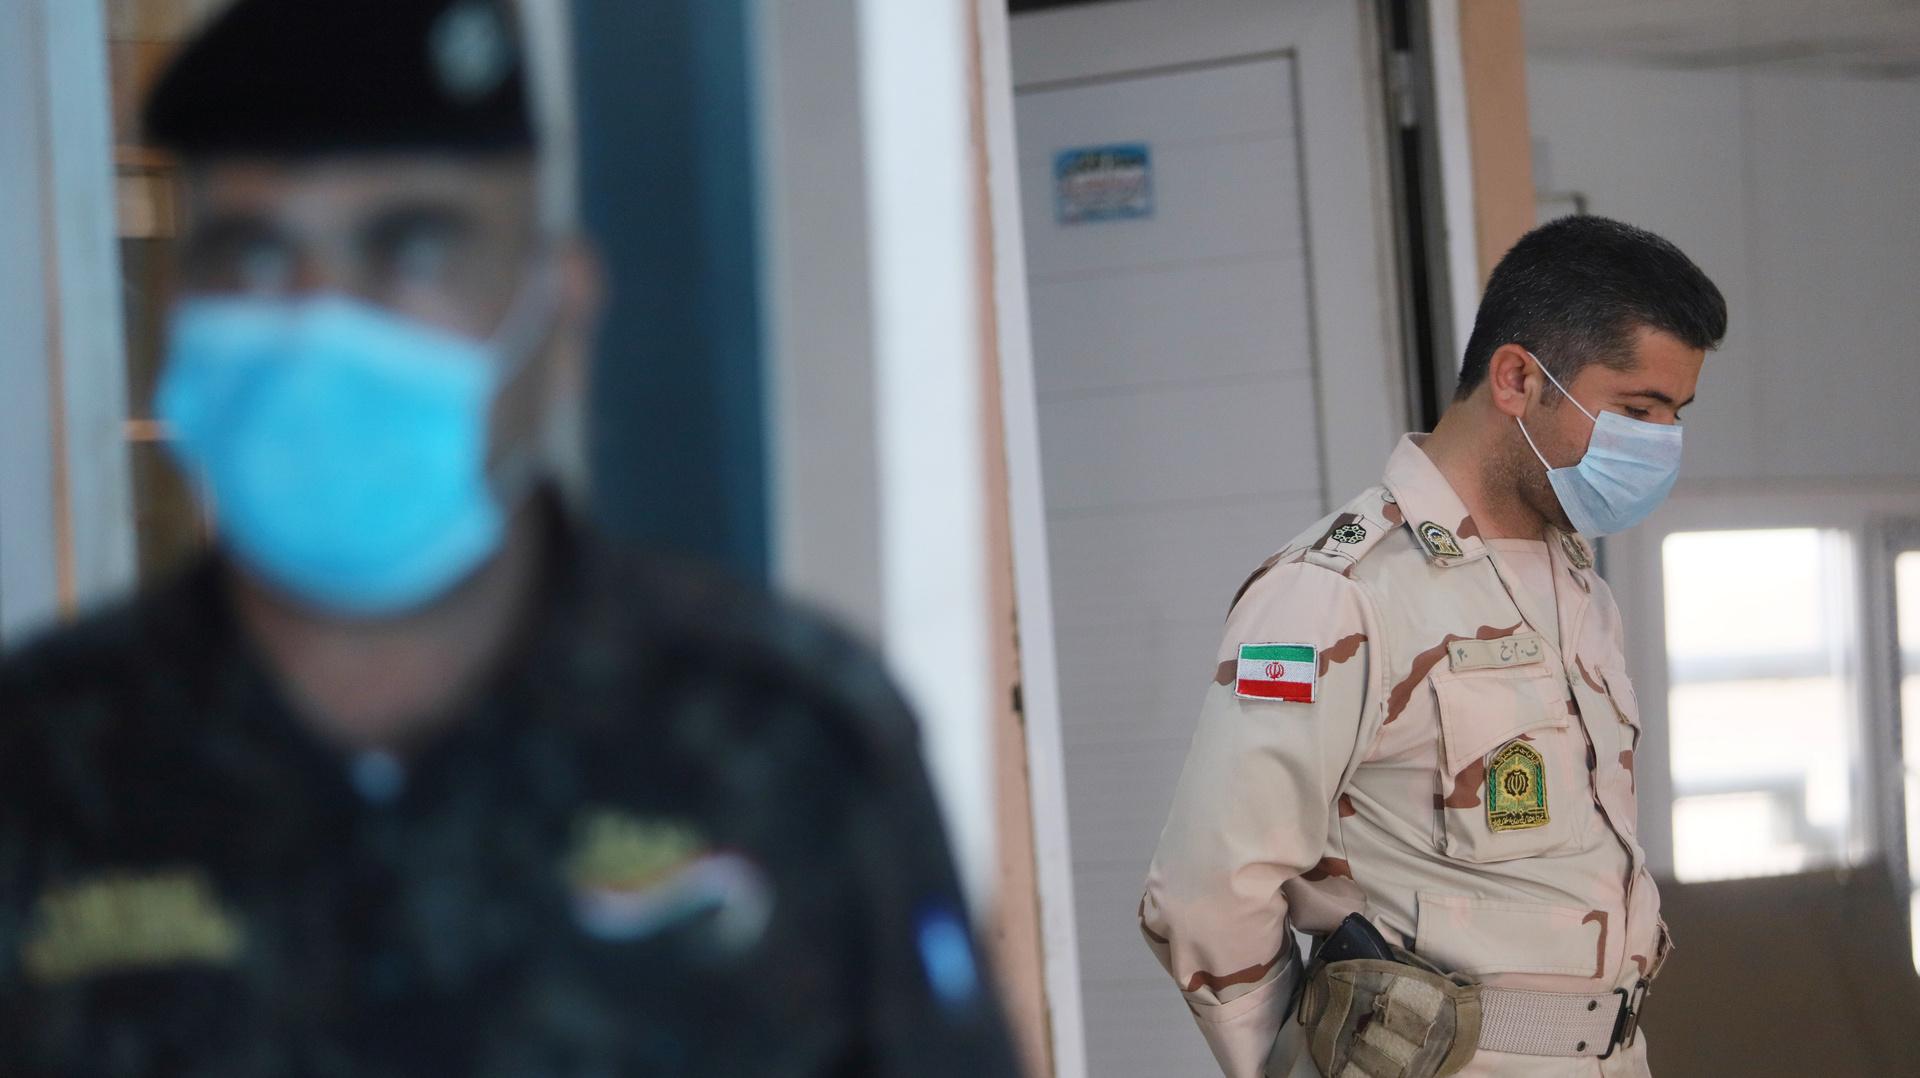 إيران: ارتفاع معدل الإصابة بكورونا 12% خلال الـ24 ساعة الماضية